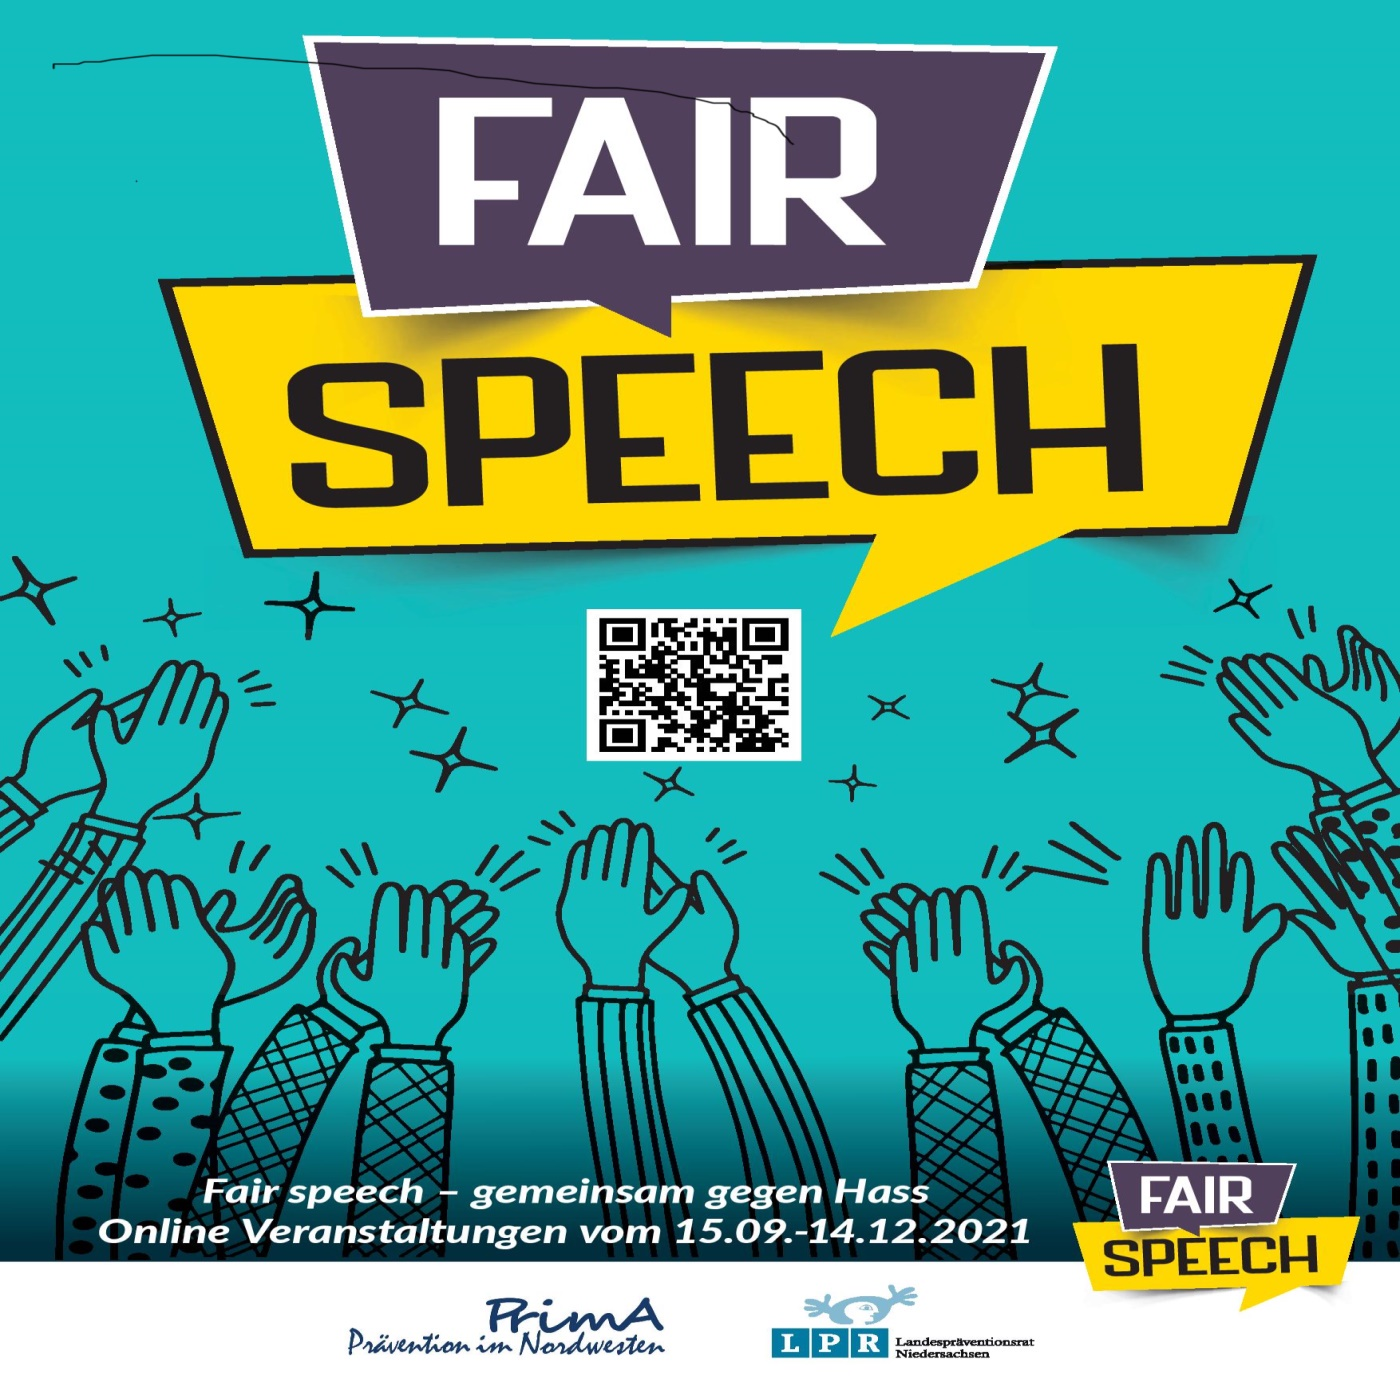 FAIR SPEECH (1) - gemeinsam gegen Hass